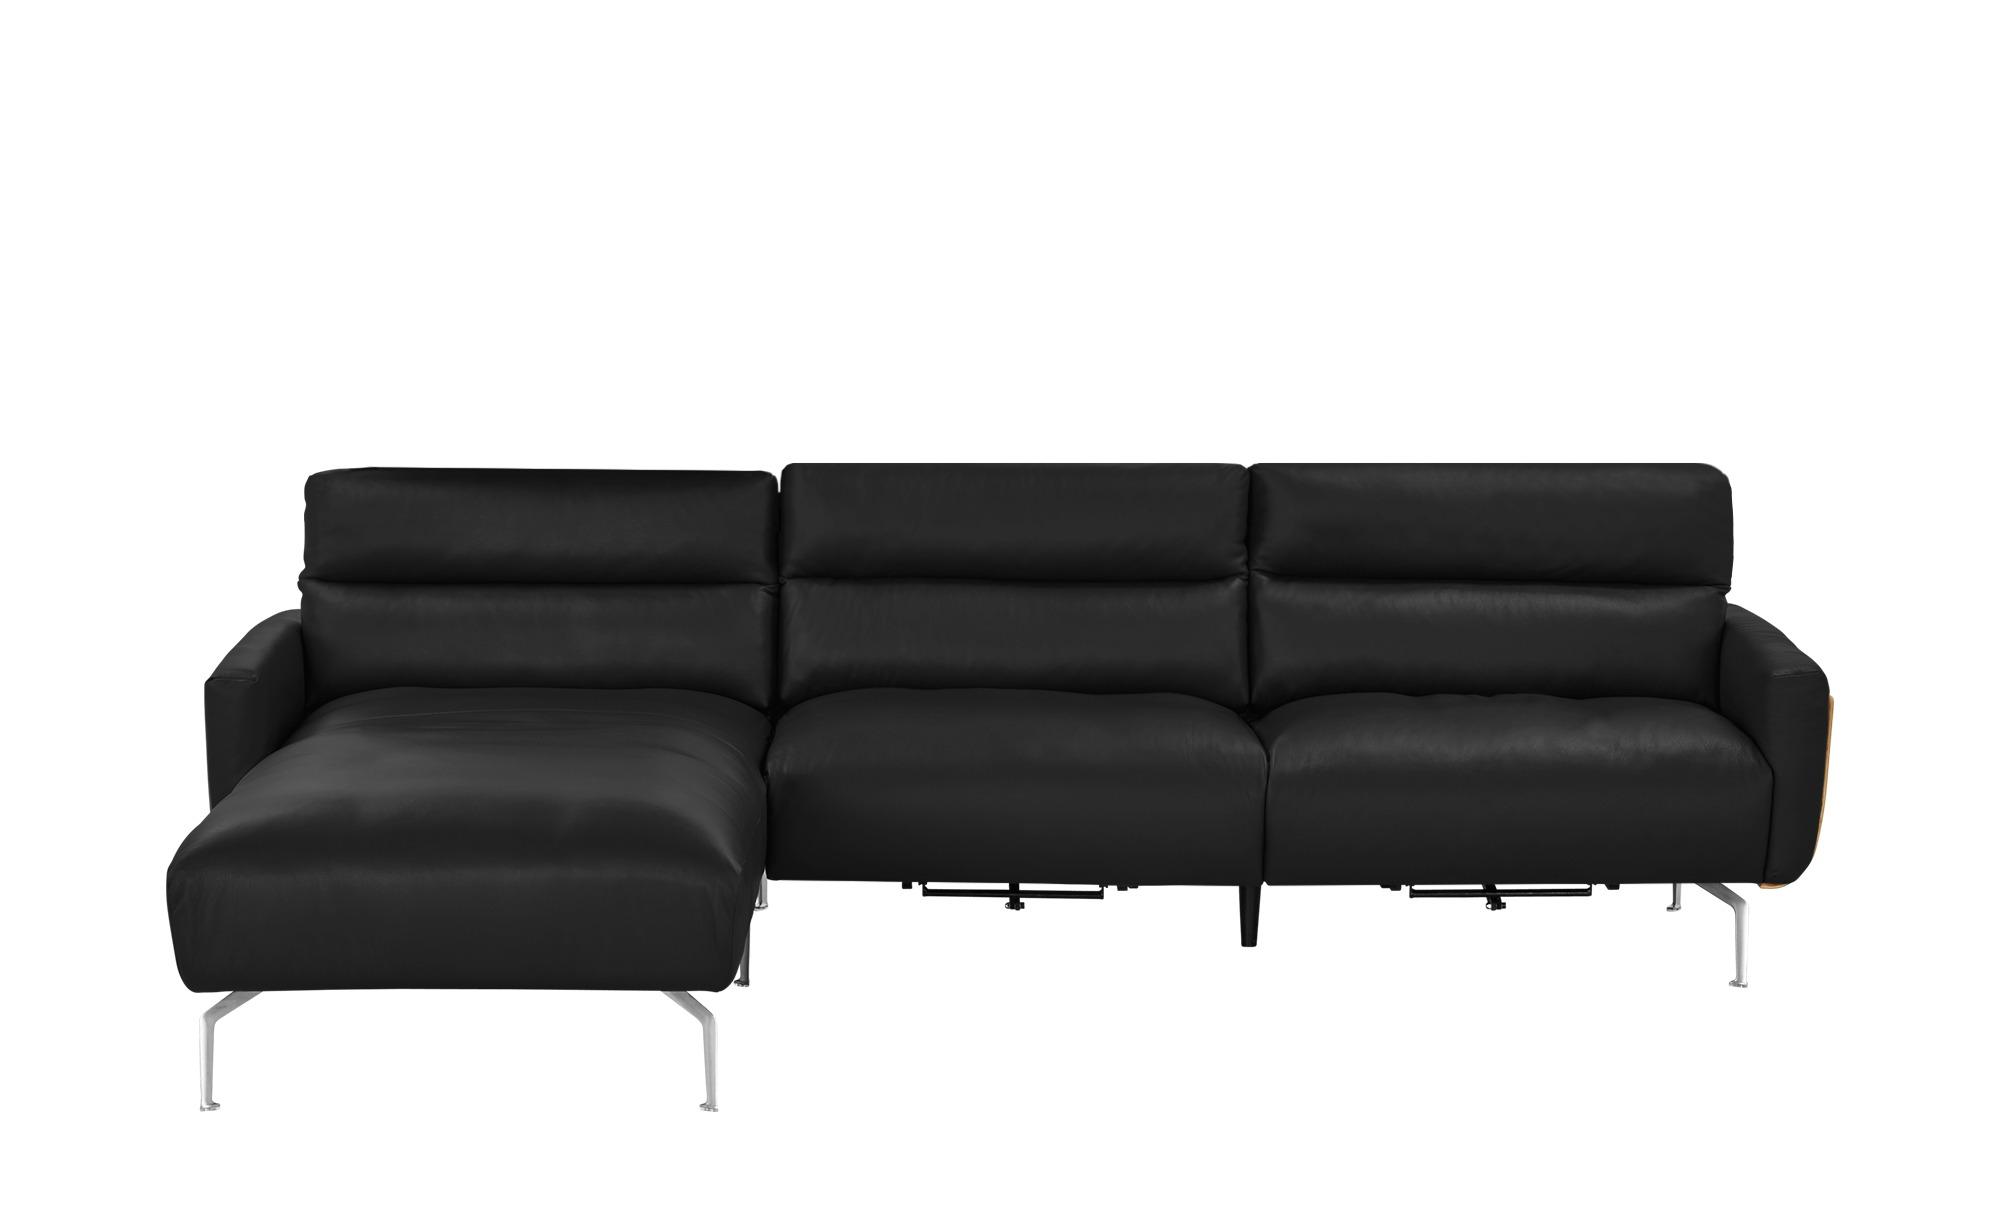 Ecksofa mads breite h he 90 cm schwarz online kaufen bei for Ecksofa 1 90